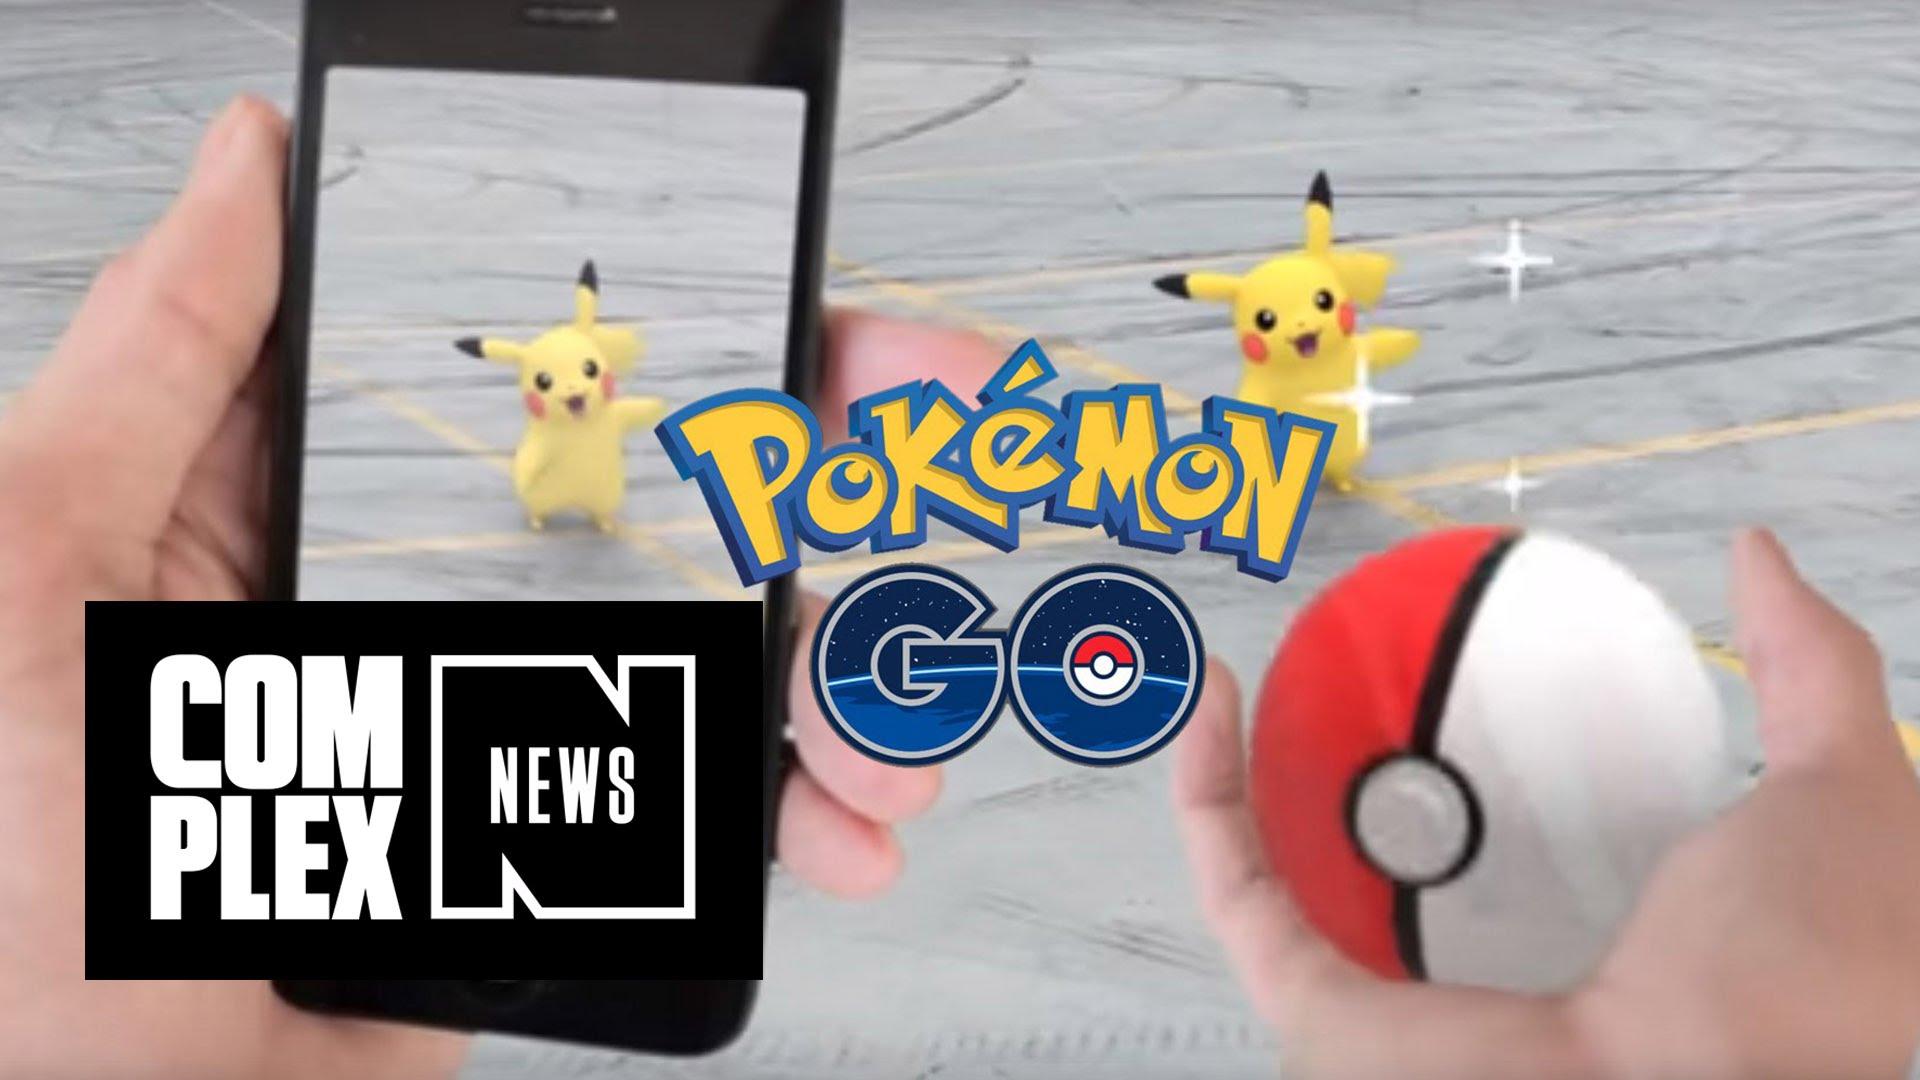 「超夯遊戲《精靈寶可夢Go》竟成犯罪幫手?!」- Pokemon Go Is Fueling Armed Robberies